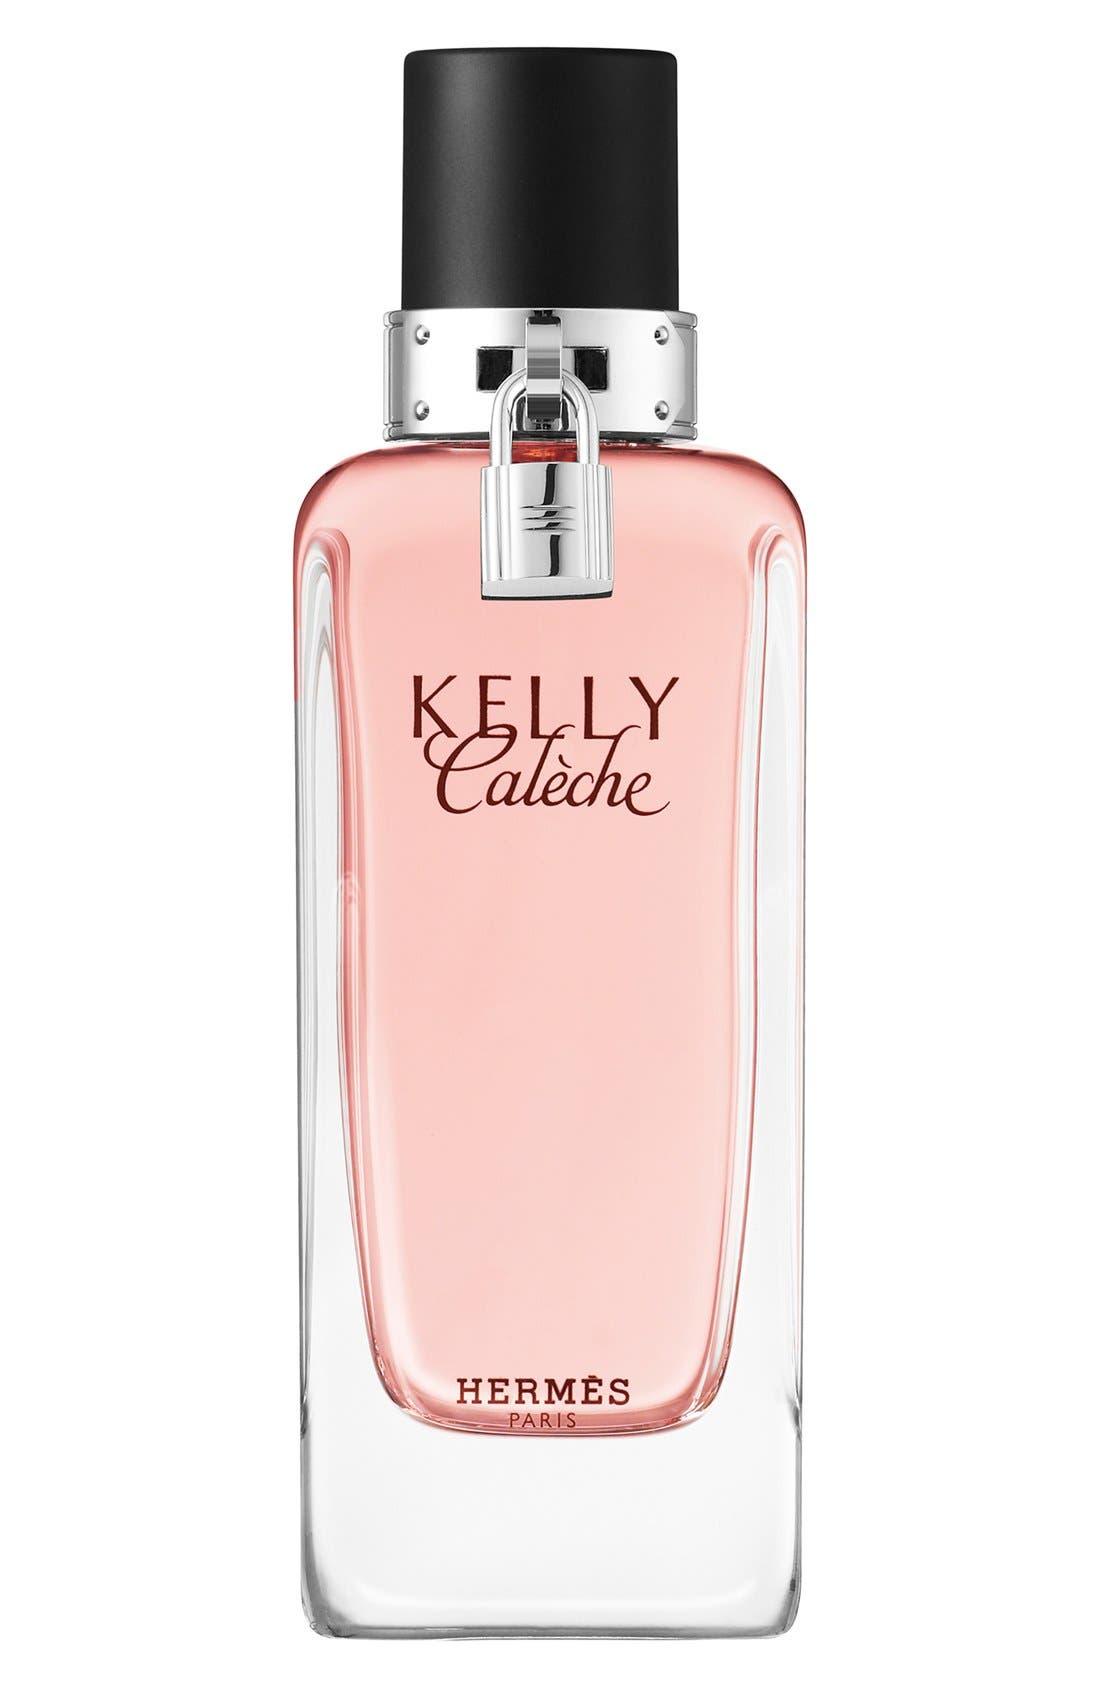 Hermès Kelly Calèche - Eau de parfum